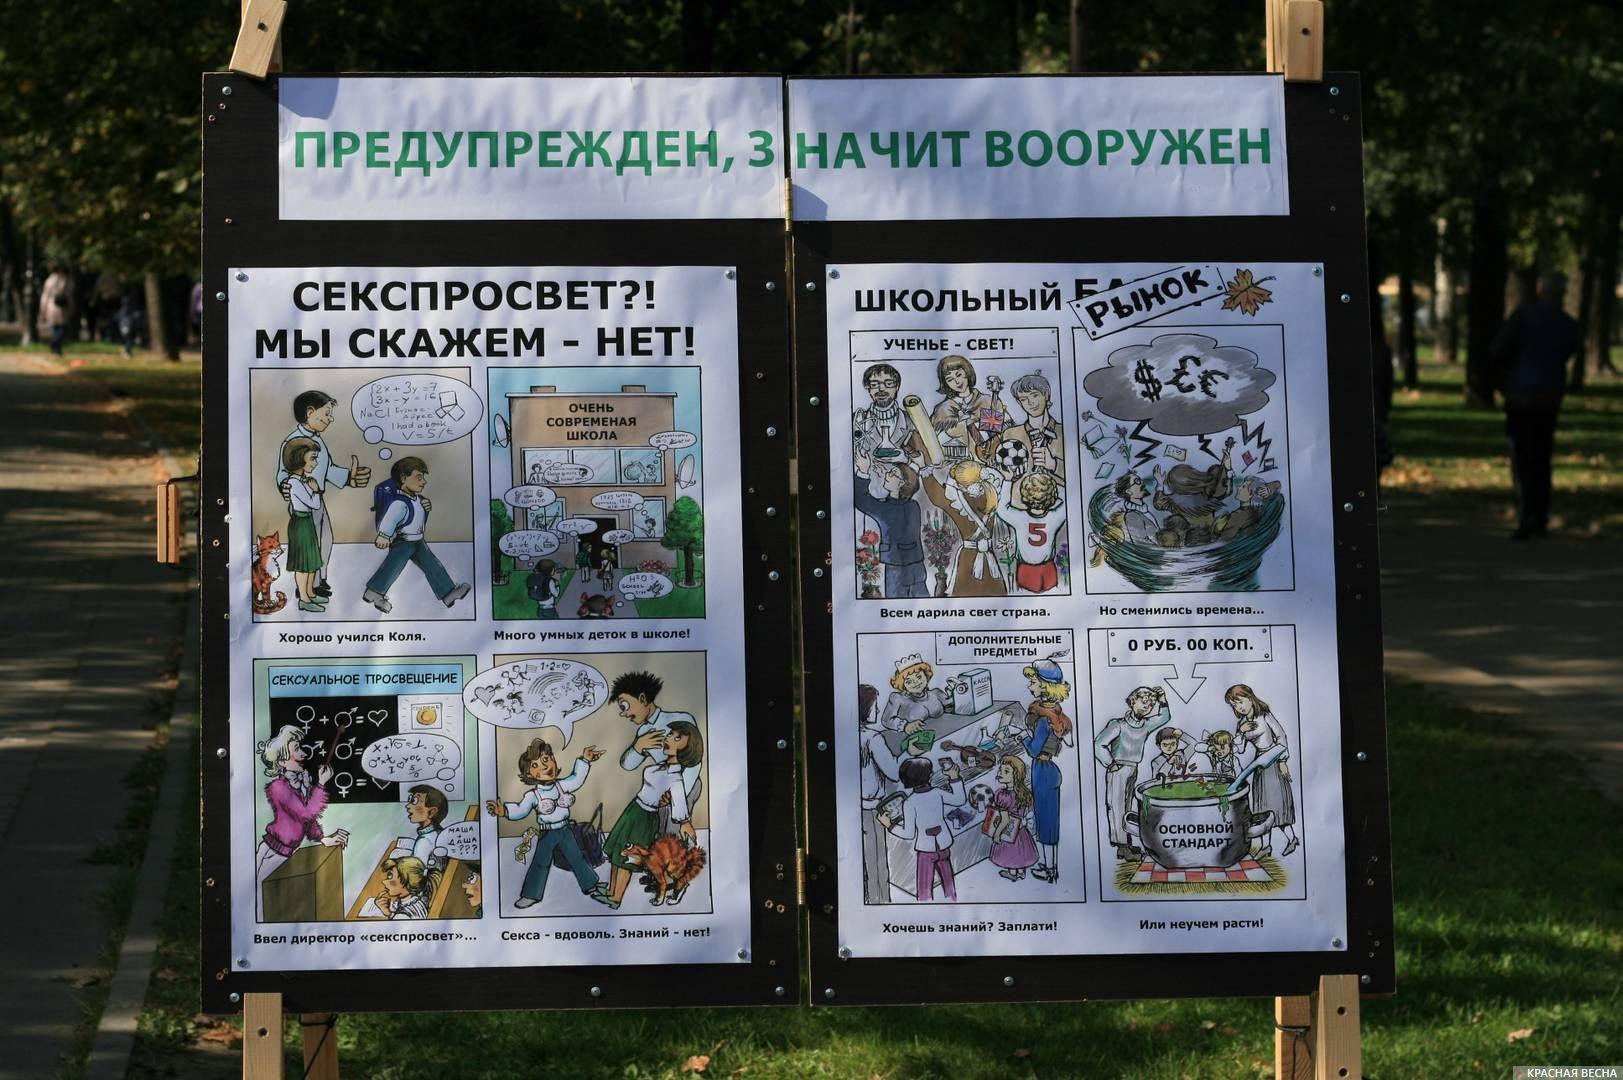 Уличный стенд против секспросвета